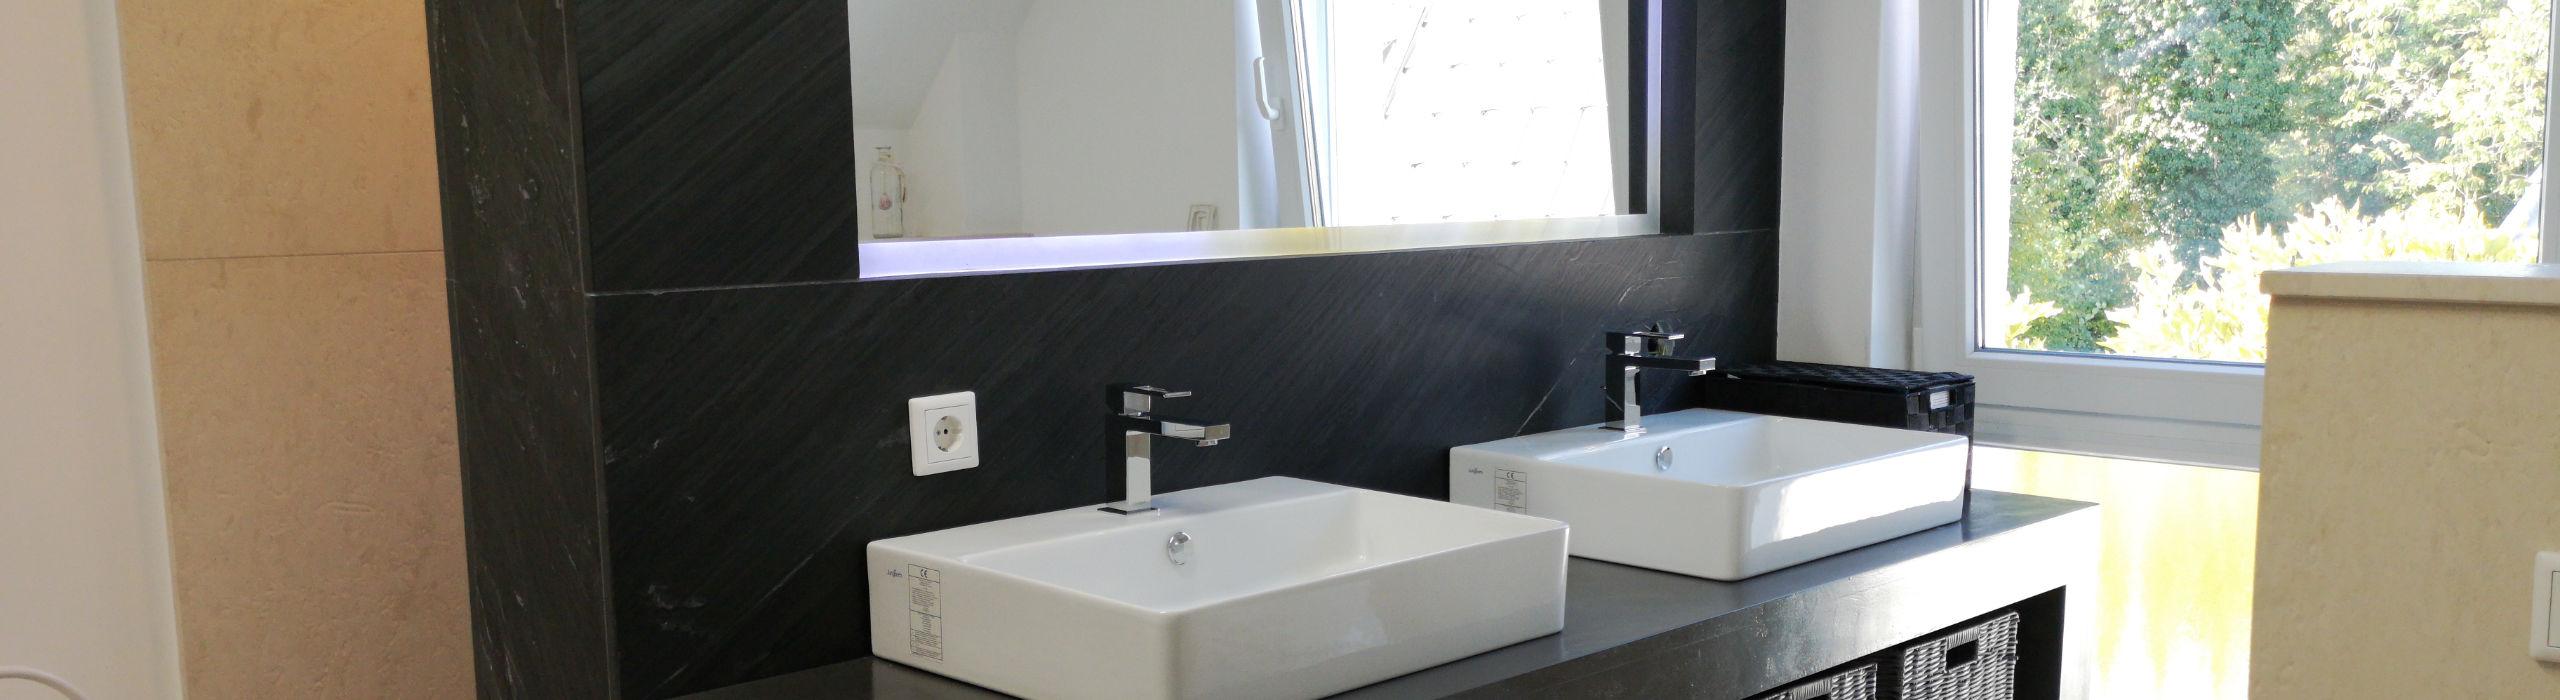 Badezimmer mit Iron-Black-Wänden